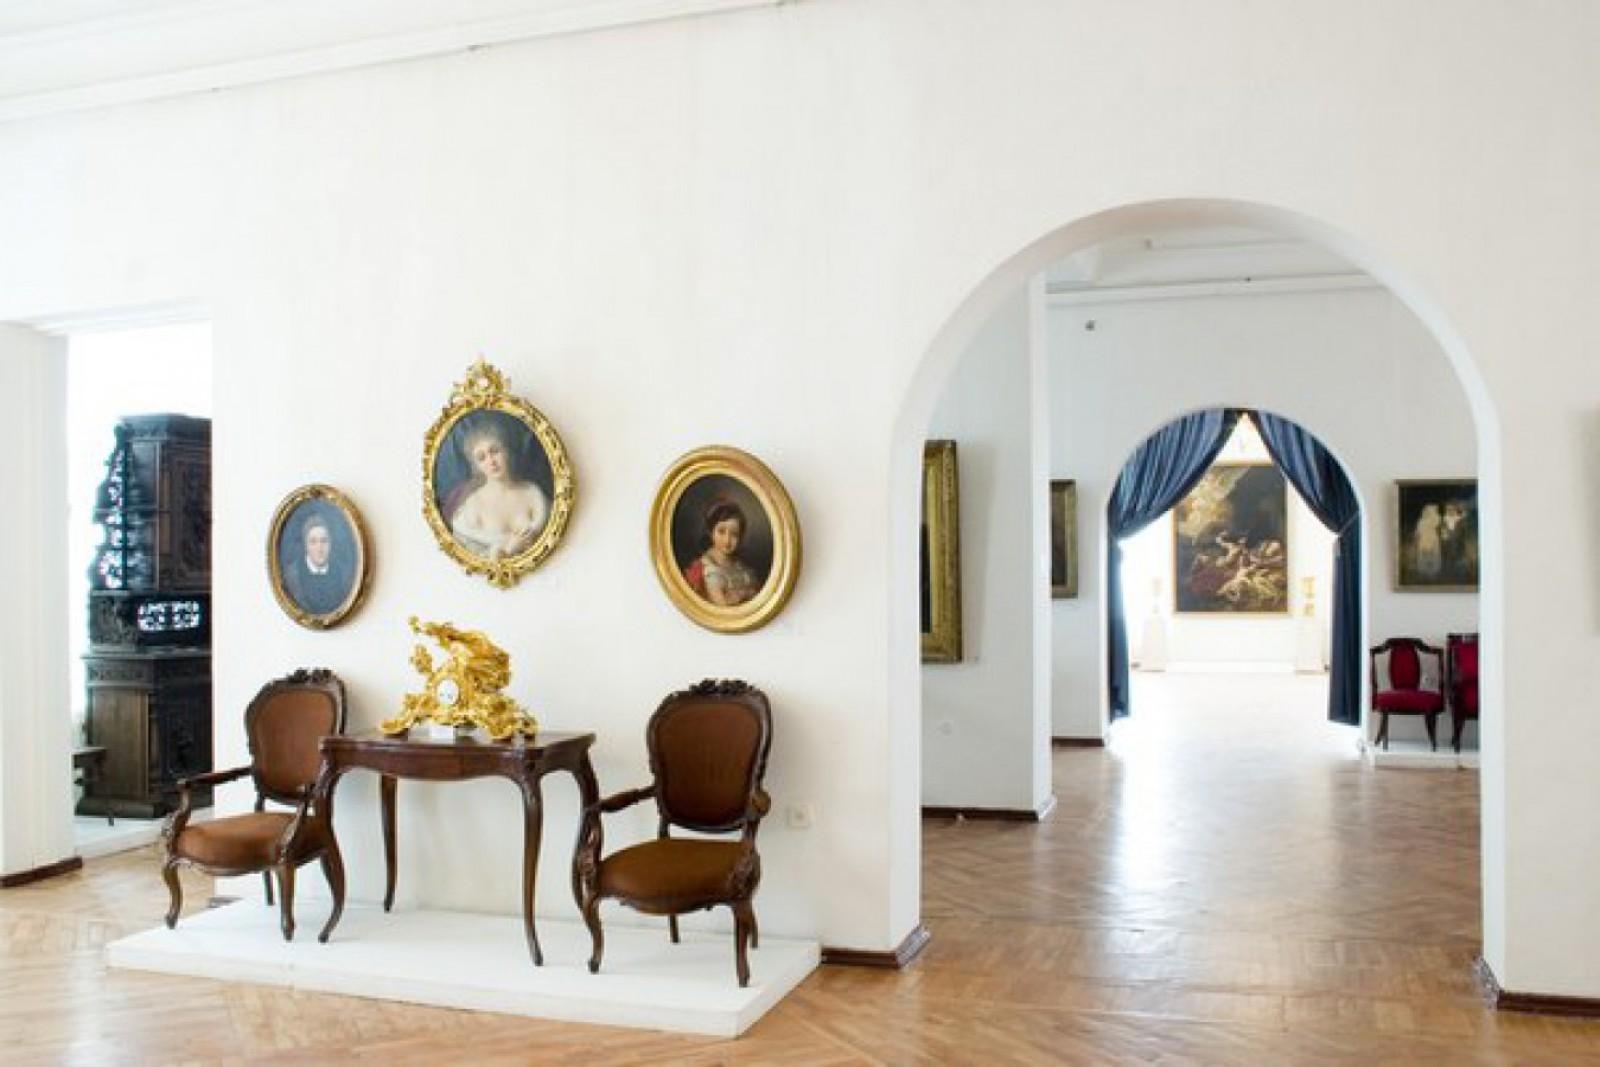 Художественный музей г. Череповец. Череповецкое музейное объединение